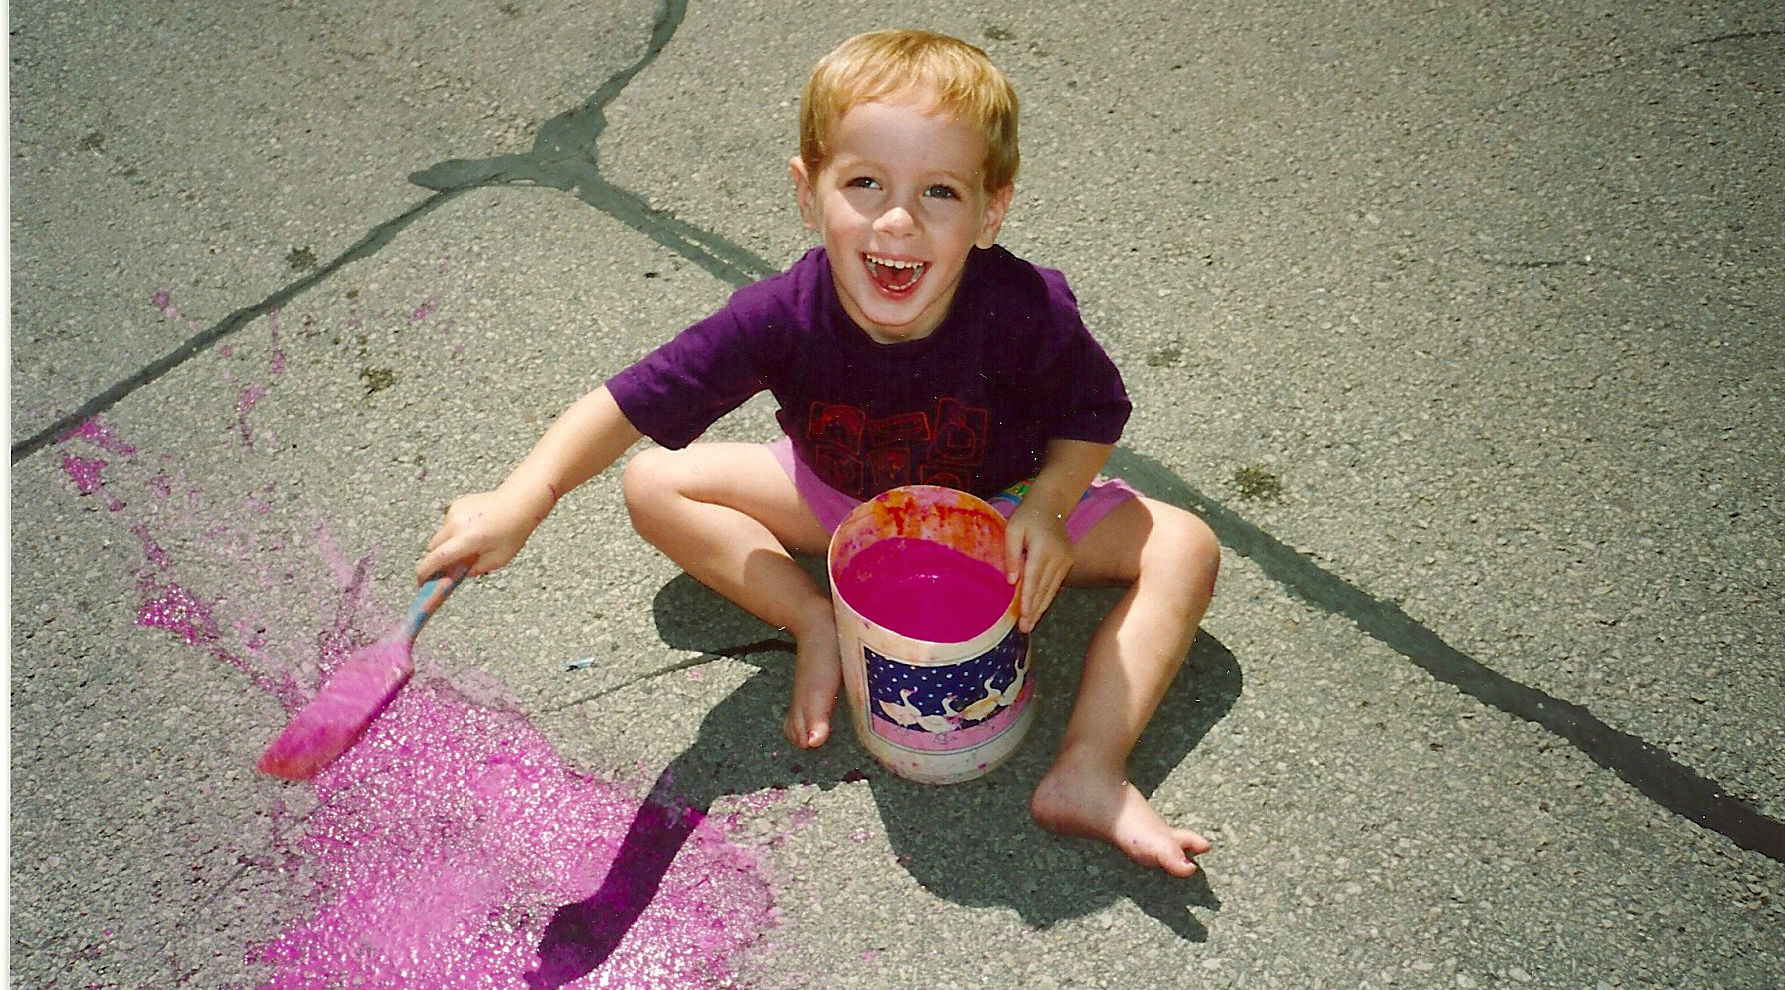 HJ pink street paint 1993 VERT CROP